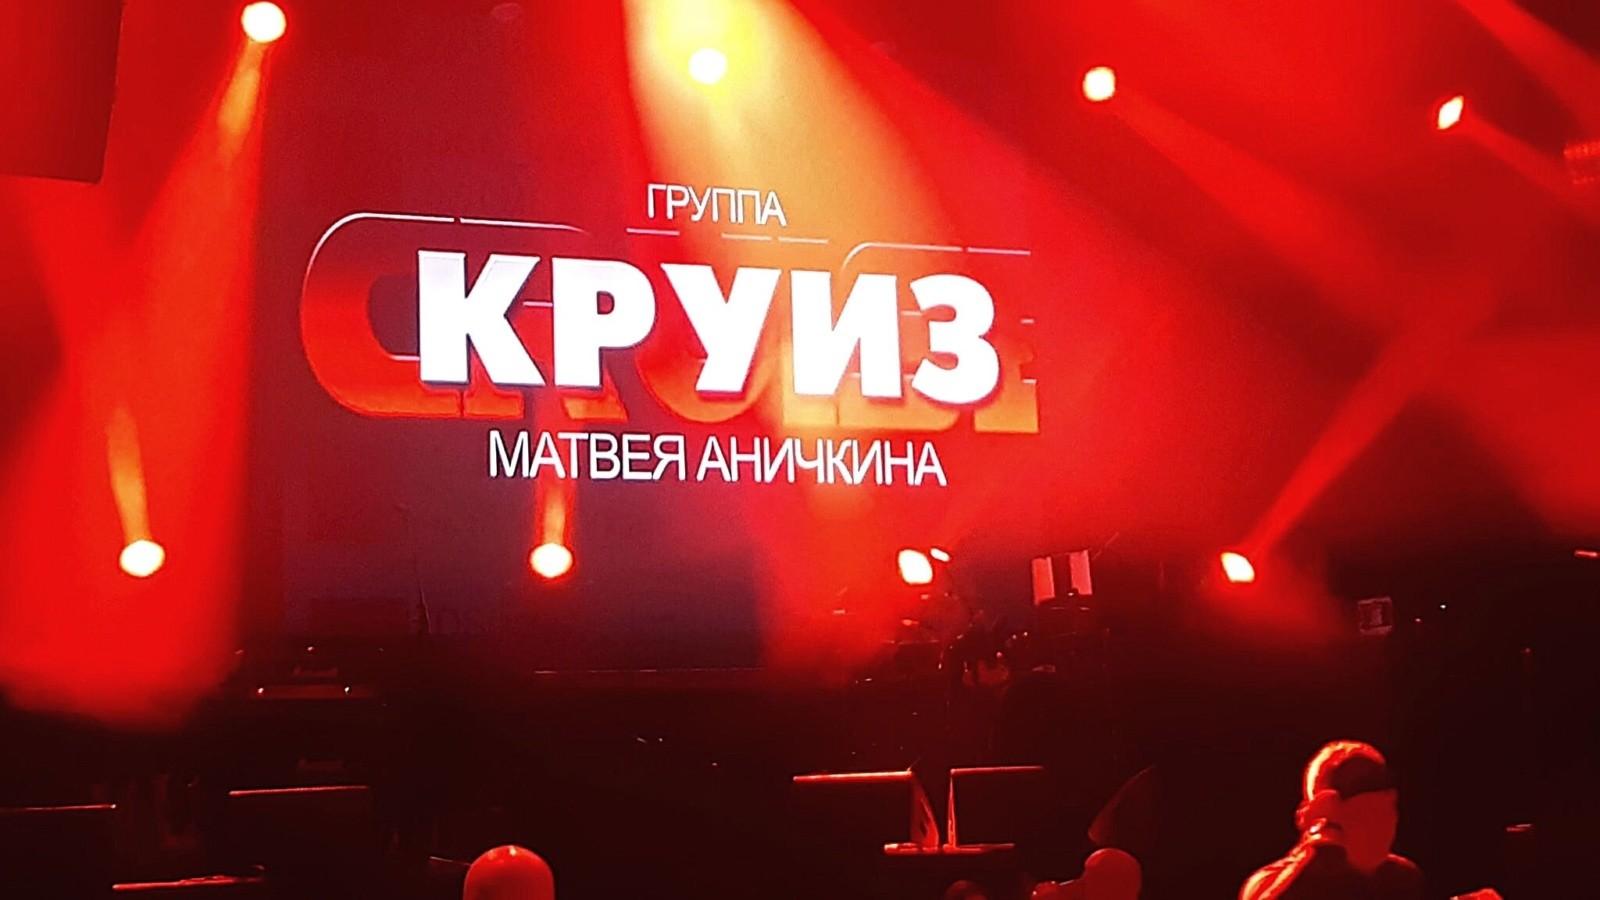 К 40-летию рок-группы «Круиз». 22.02.2021, юбилейный концерт группы «Круиз» Матвея Аничкина, отклики